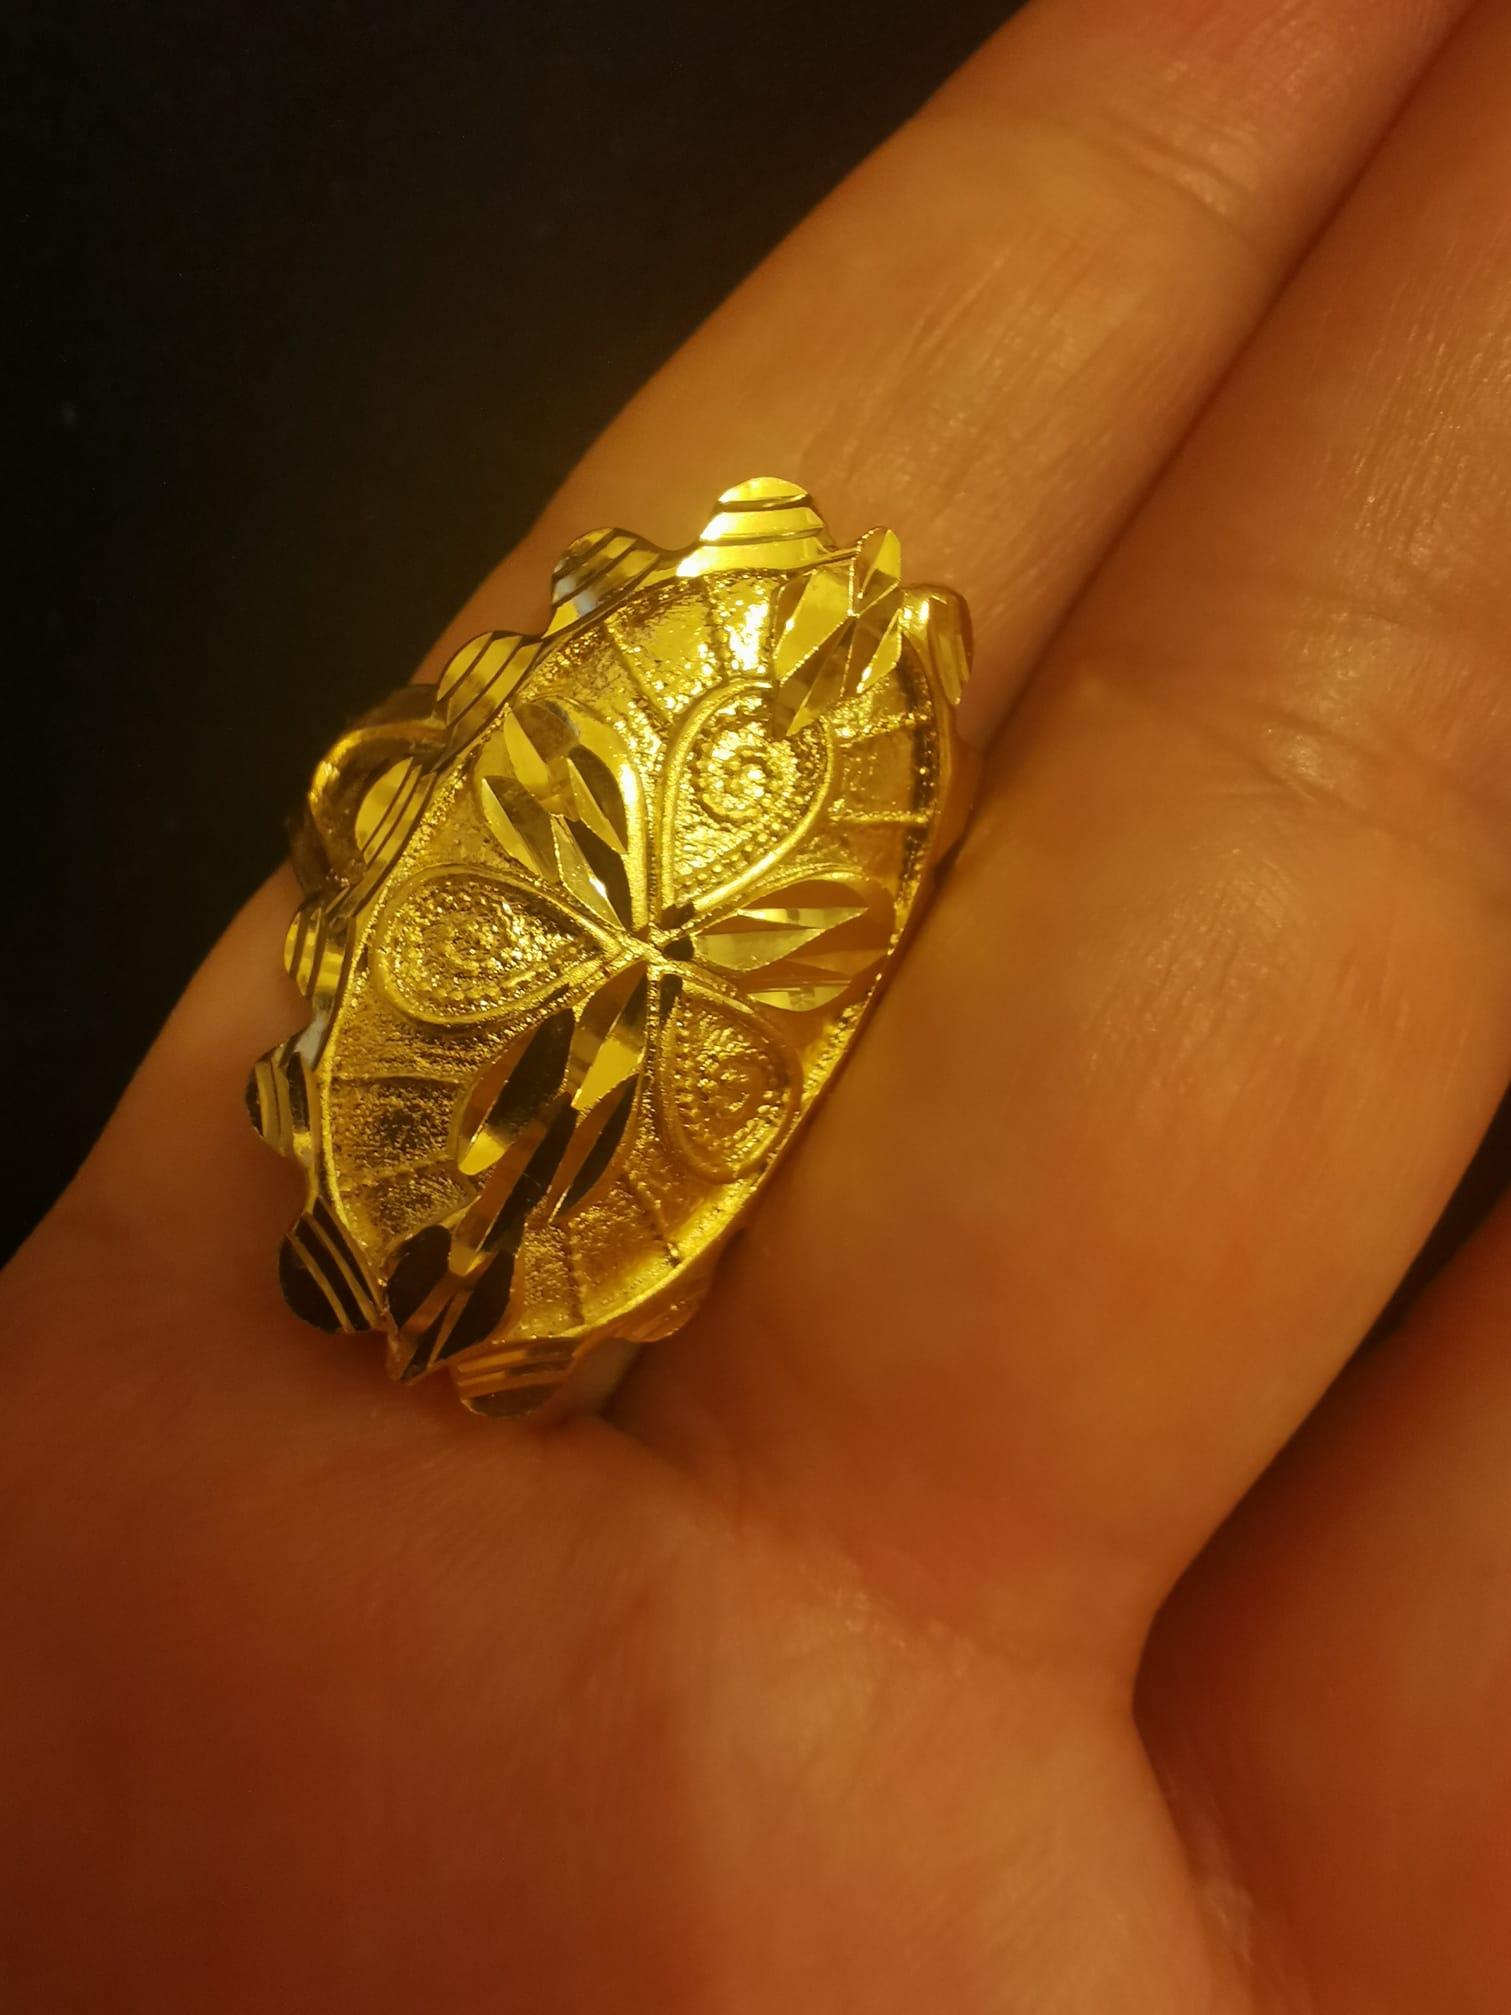 Дамски пръстен от стомана става на всяка дама,защото пръстена е с регулация.